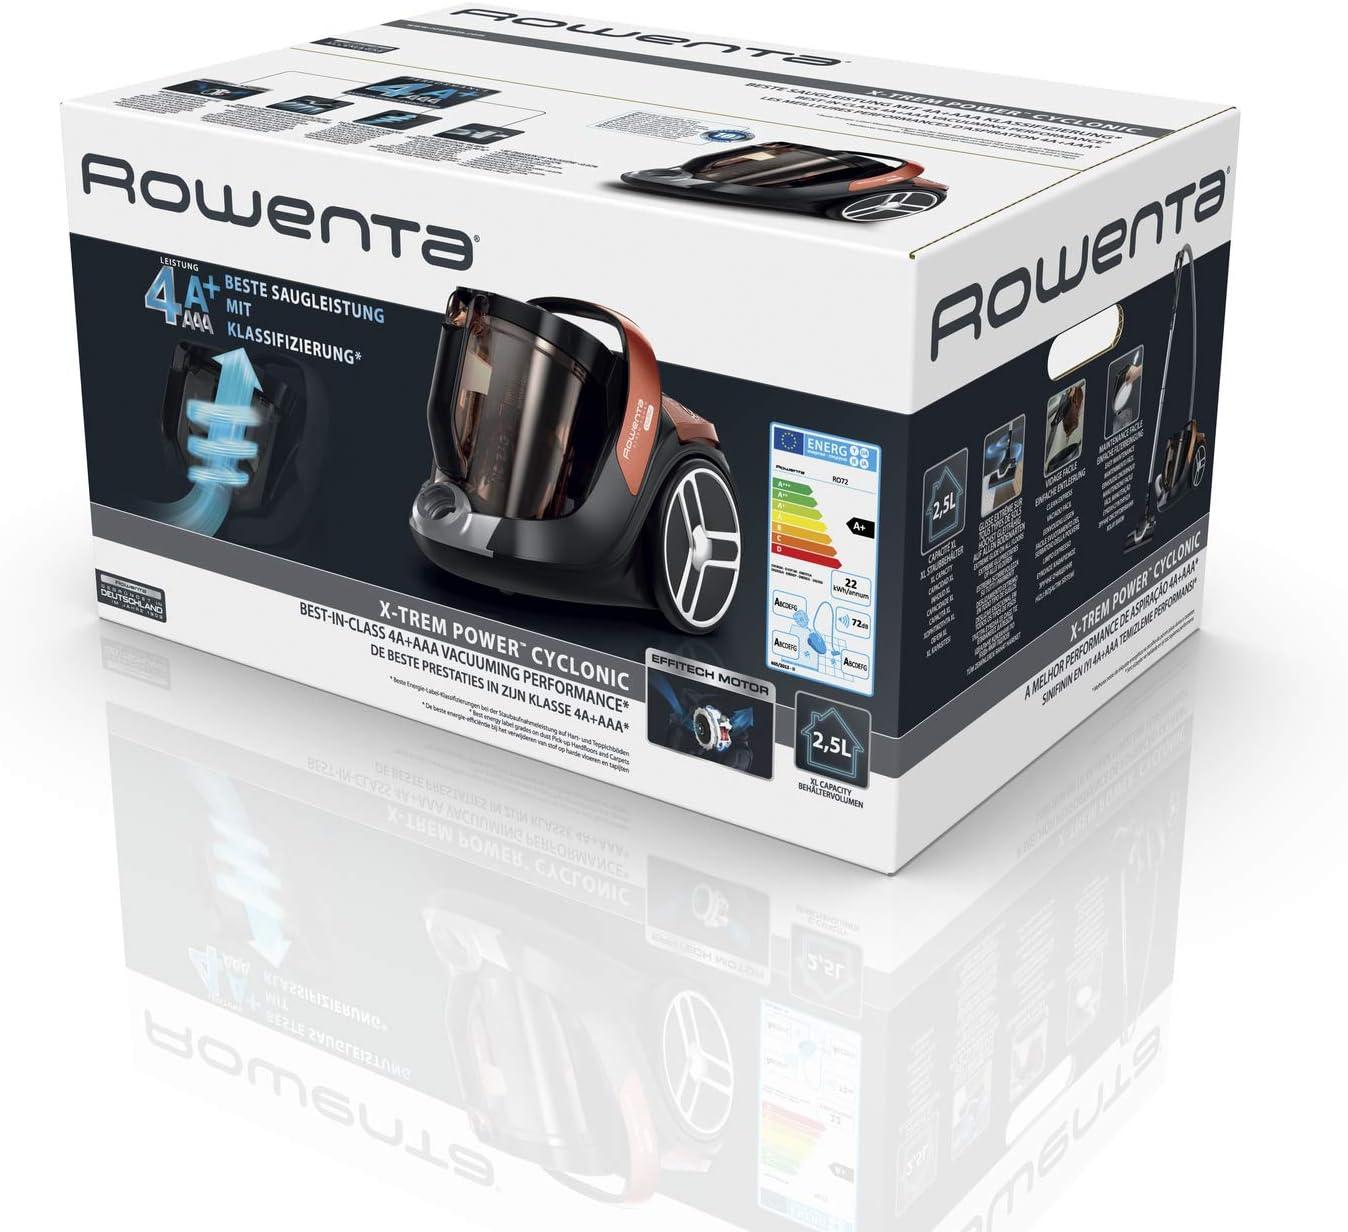 Rowenta X-Trem Power Cyclonic 4A RO7244 aspirapolvere 550 W A cilindro Secco Senza sacchetto 2,5 L